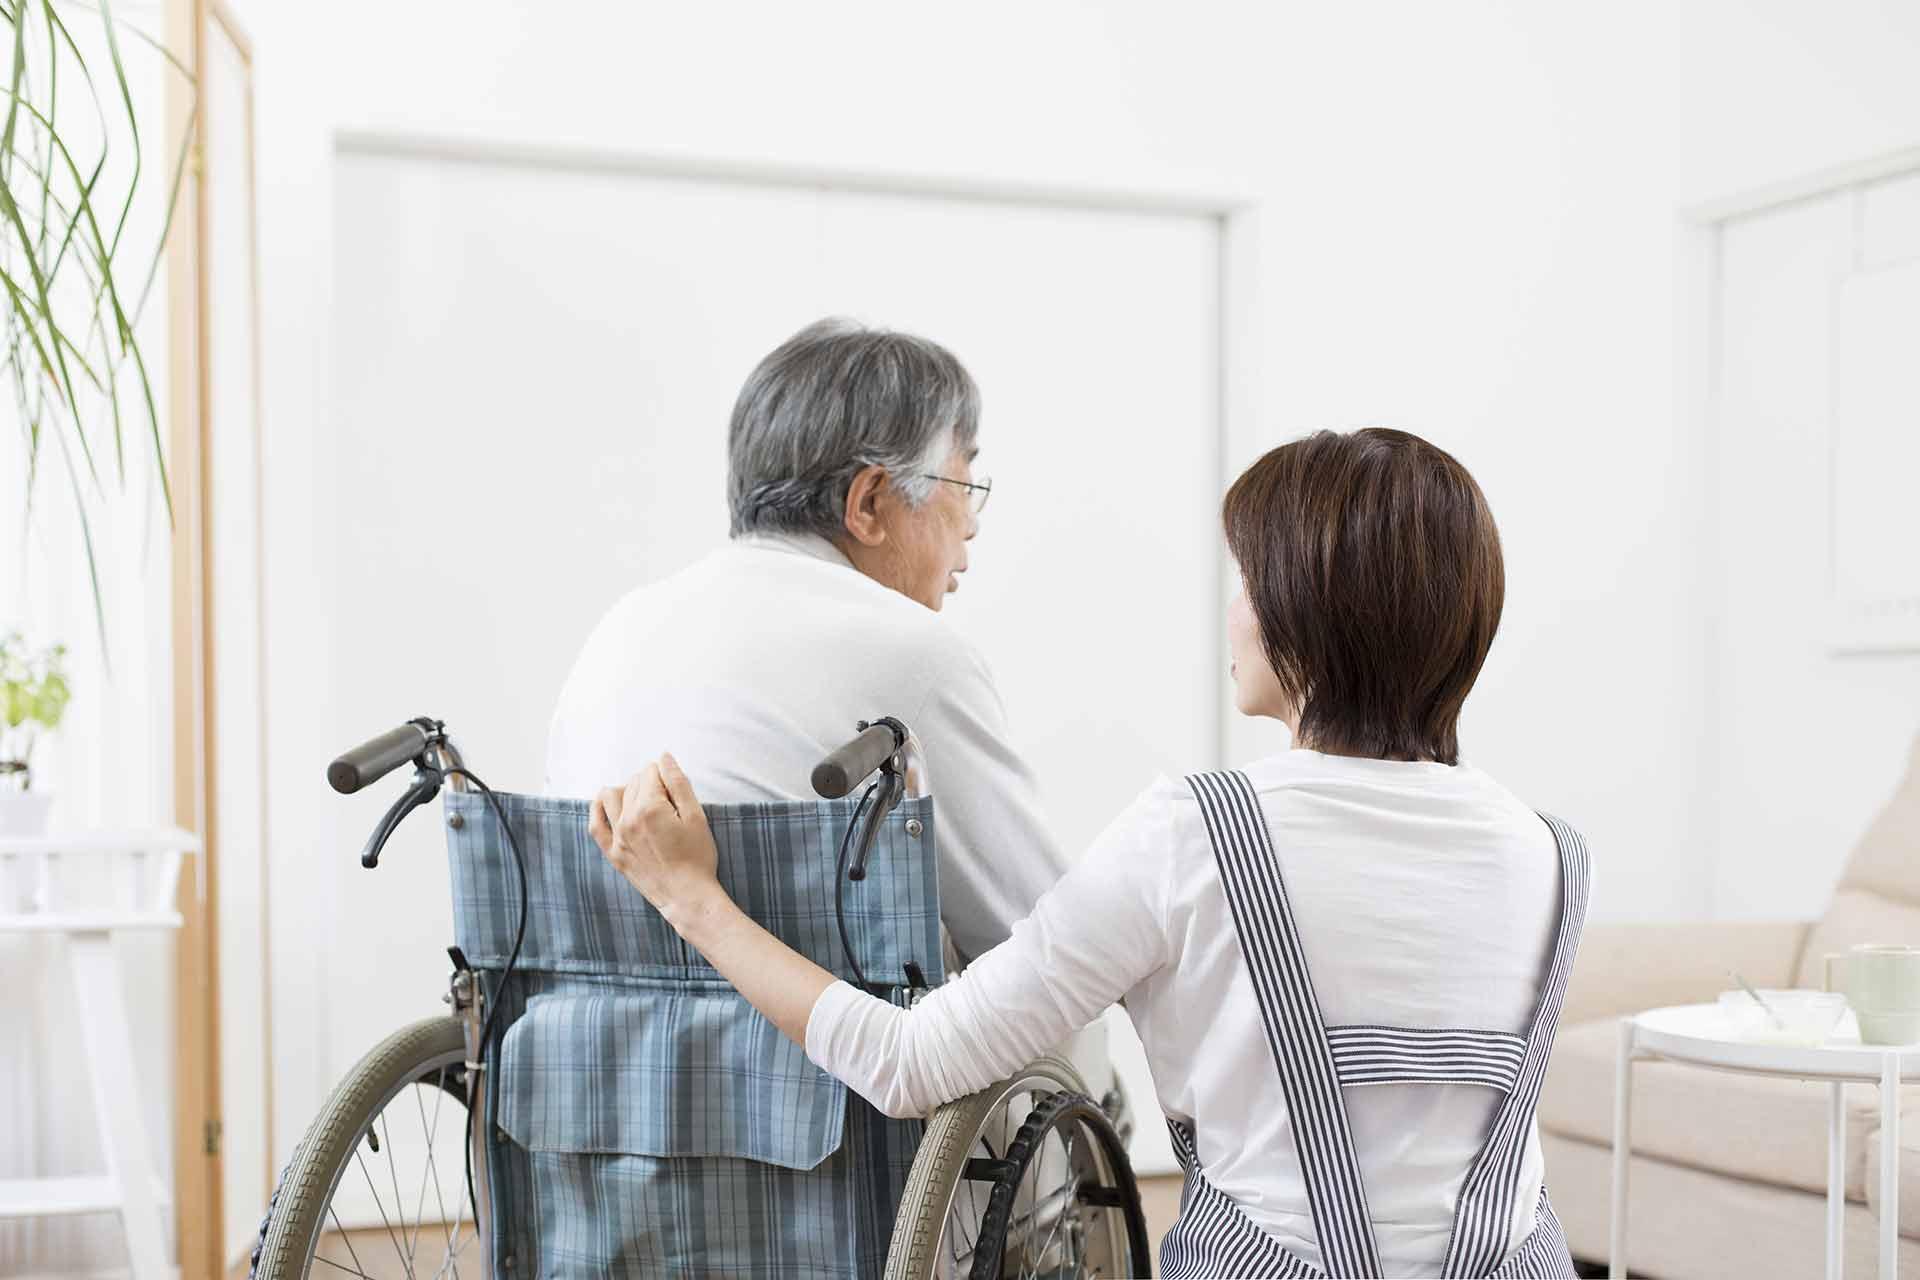 Pflegepersonal kümmert sich um Senioren im Rollstuhl in der barrierefreien Wohnung